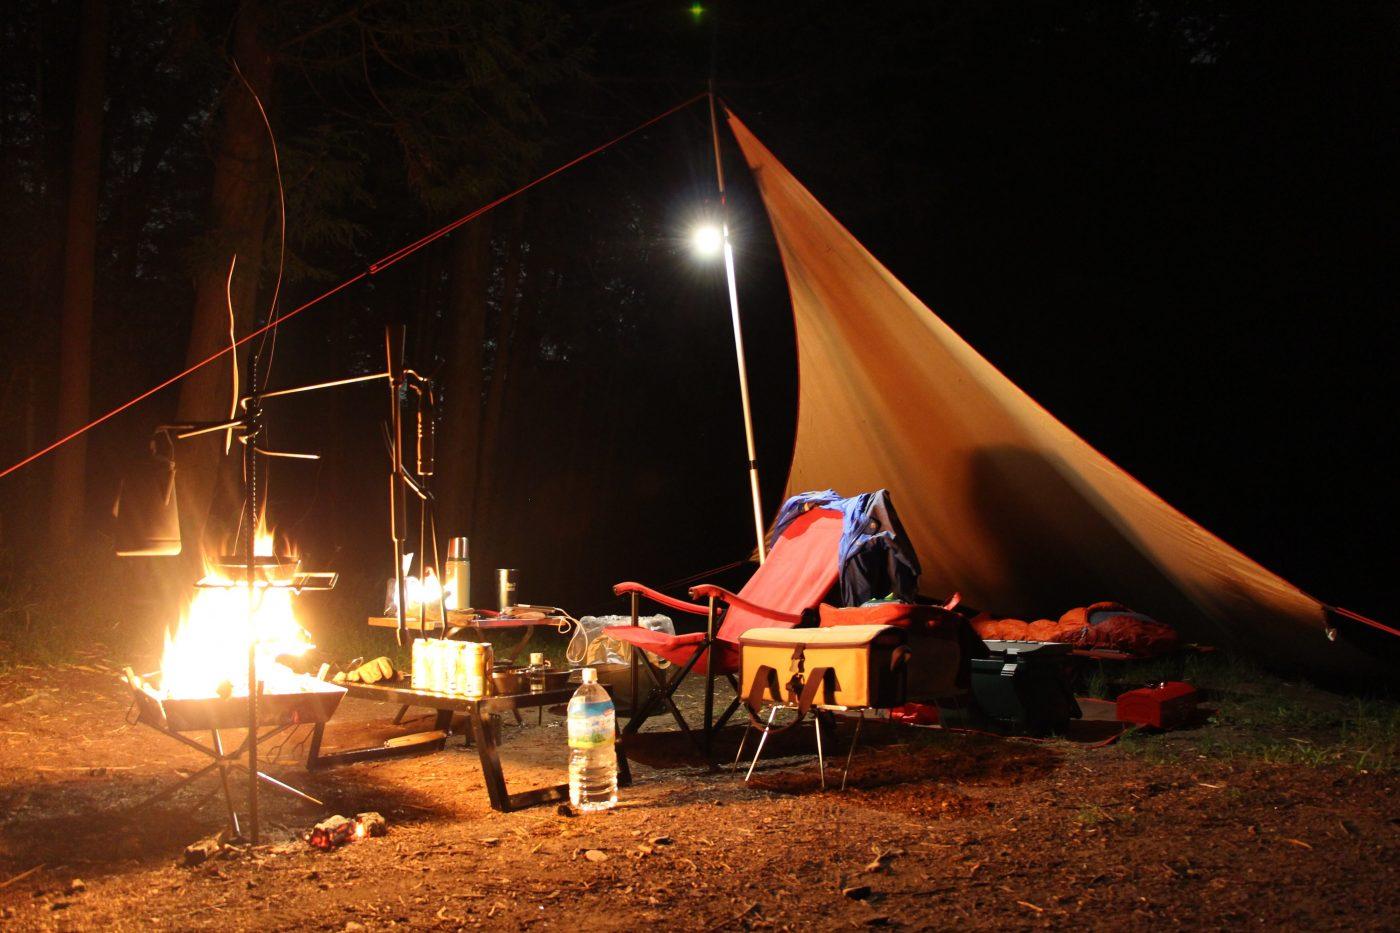 の 焚き火 タープ 下 で 焚き火に強いタープは本当に必要?【必要ならコットン製を選ぼう】|ブッシュクラフトビギナー